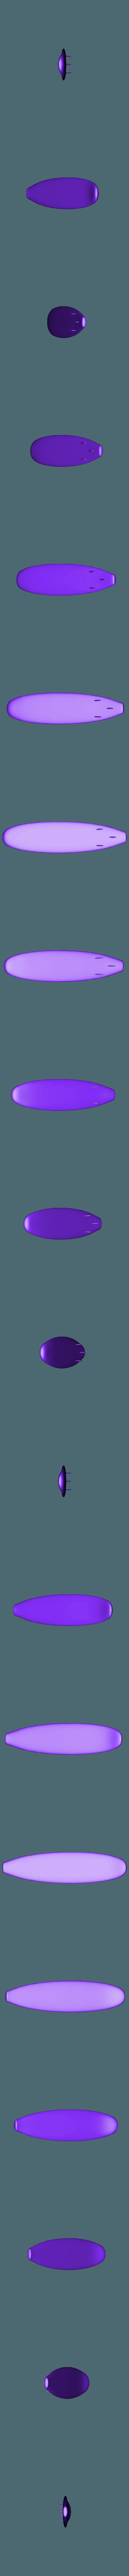 Supboard28.stl Télécharger fichier STL gratuit Conseil d'administration de SUP • Objet à imprimer en 3D, Peter-Jan